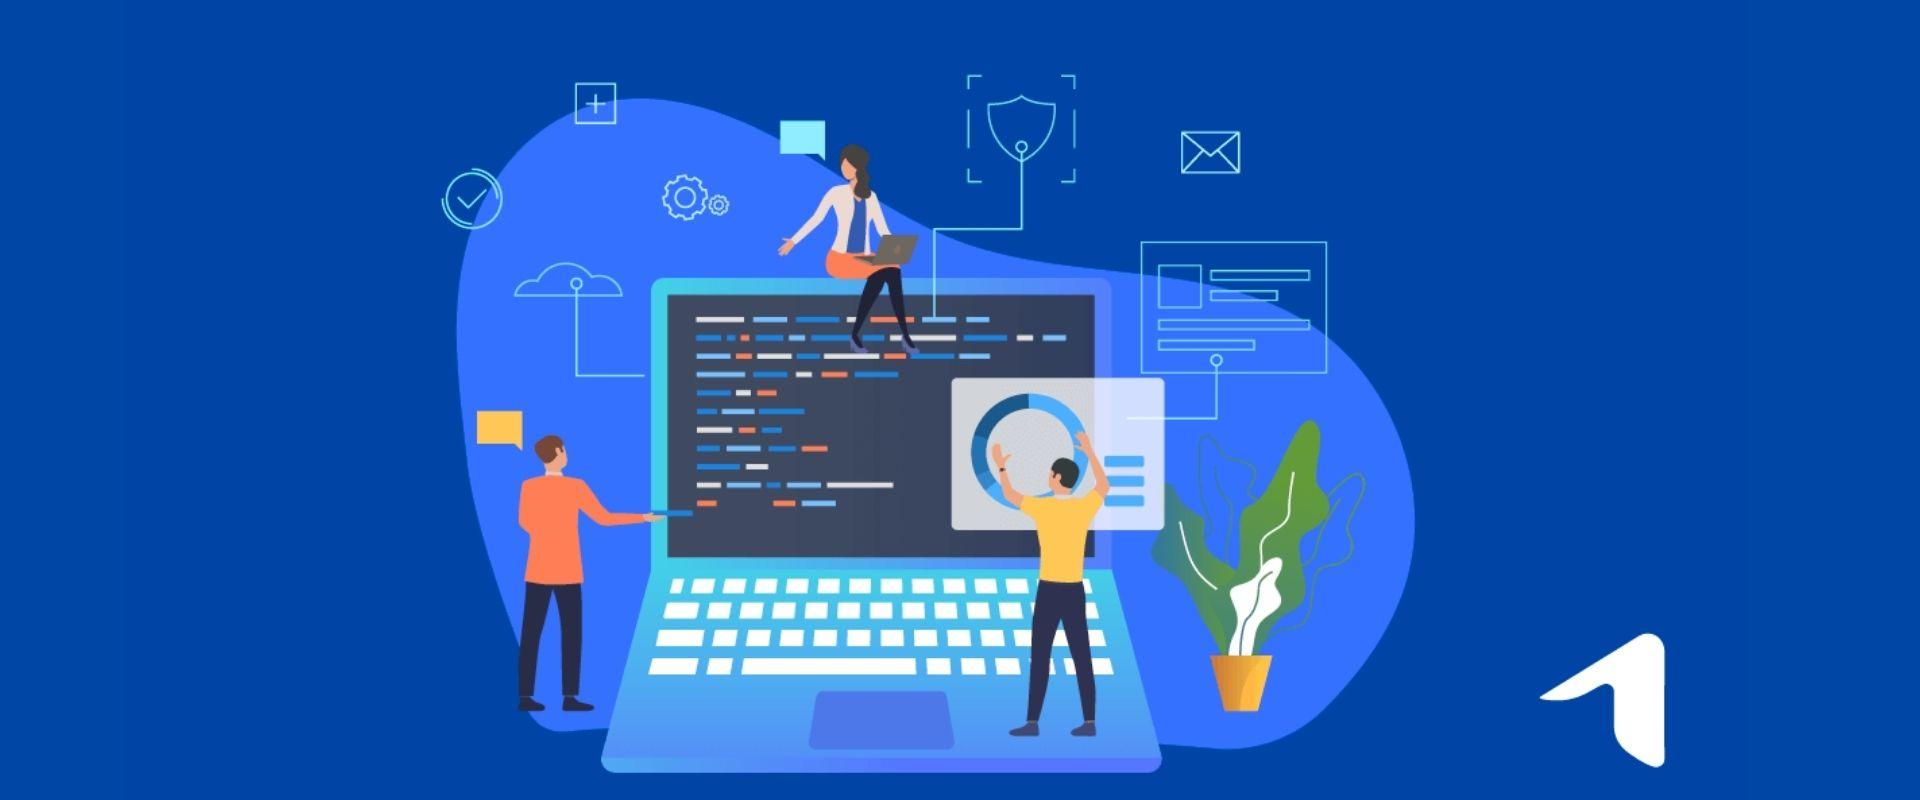 Como gerenciar ambientes virtuais